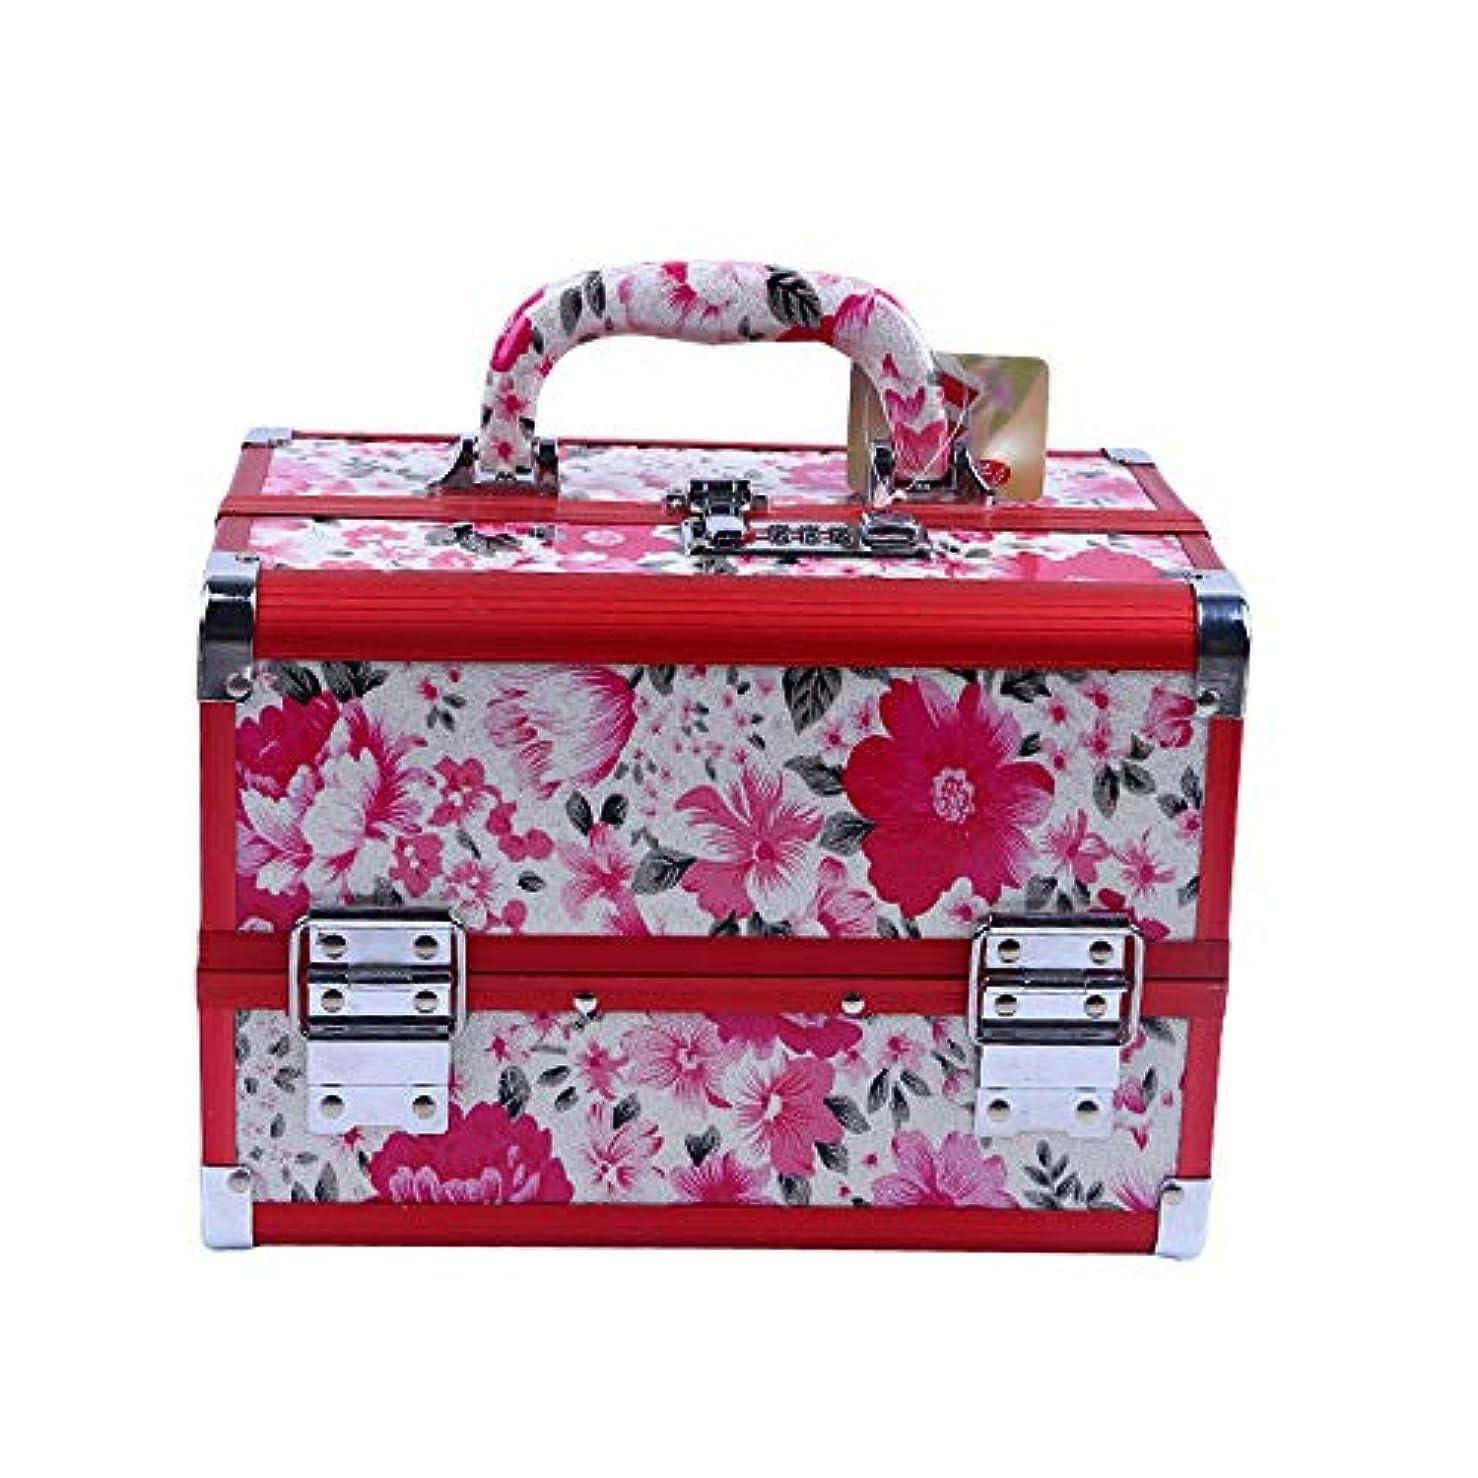 もつれしてはいけません結婚した化粧オーガナイザーバッグ 花のパターンポータブル化粧品ケース美容メイクアップと女の子の女性の旅行と毎日のストレージロック付きトレイ付き 化粧品ケース